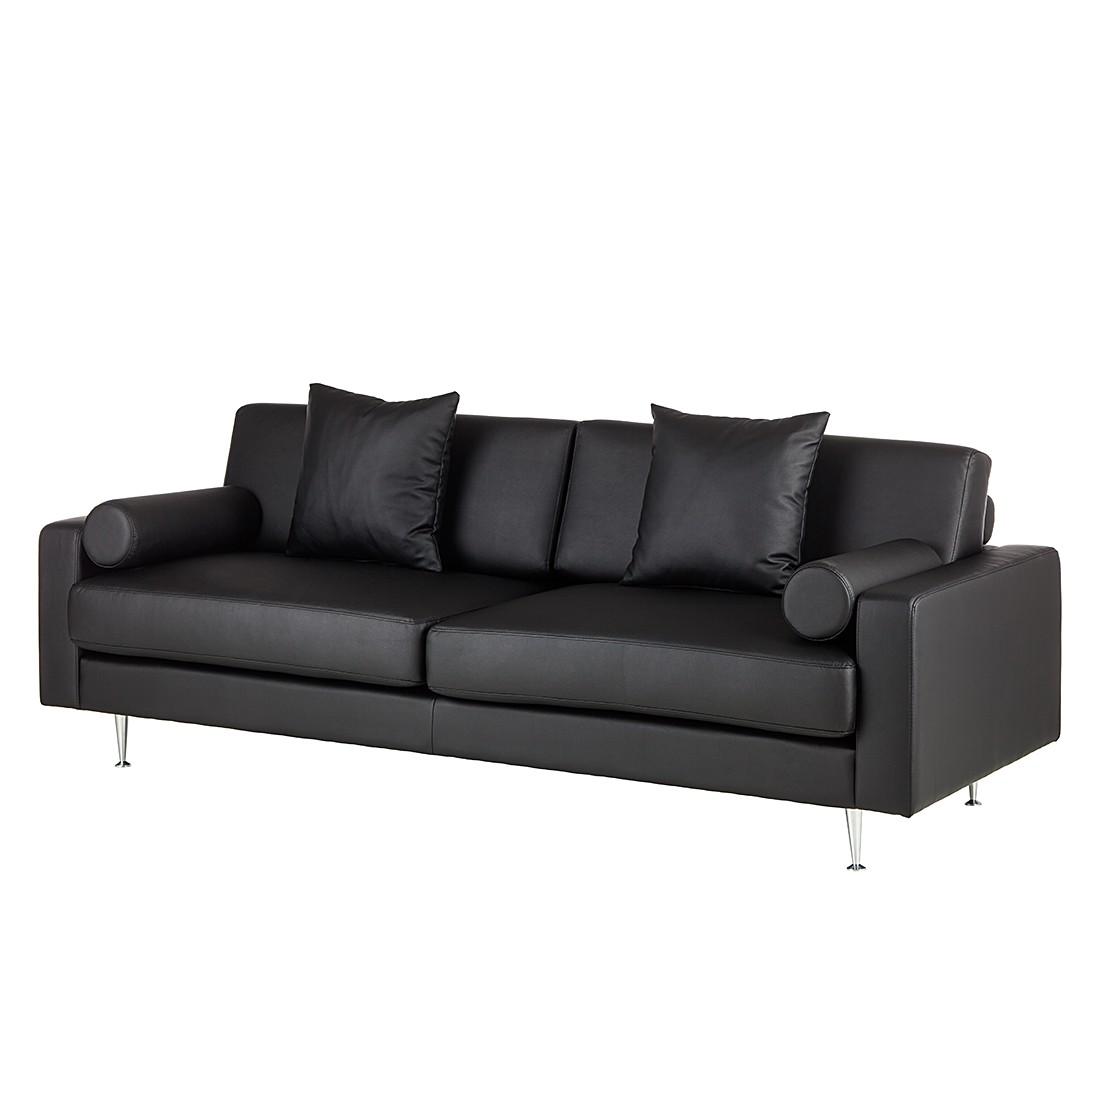 3 sitzer bankauflage preisvergleich die besten angebote online kaufen. Black Bedroom Furniture Sets. Home Design Ideas